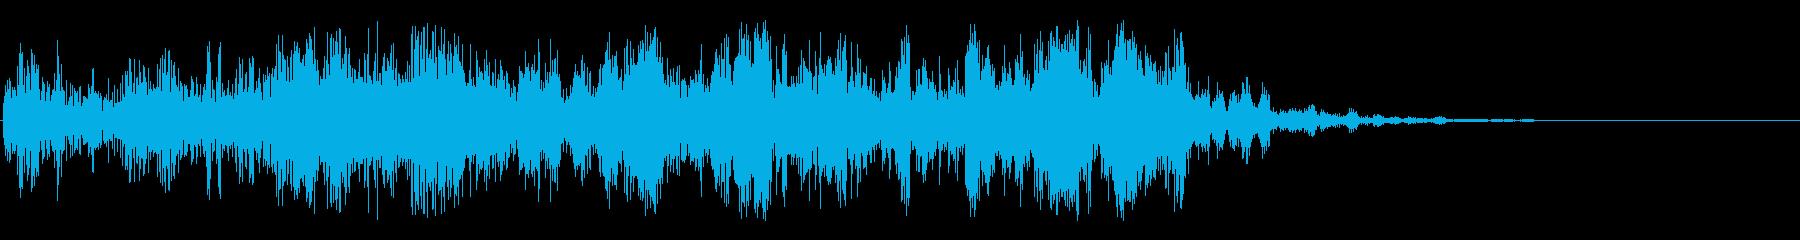 金属格子スイープアクセントの再生済みの波形